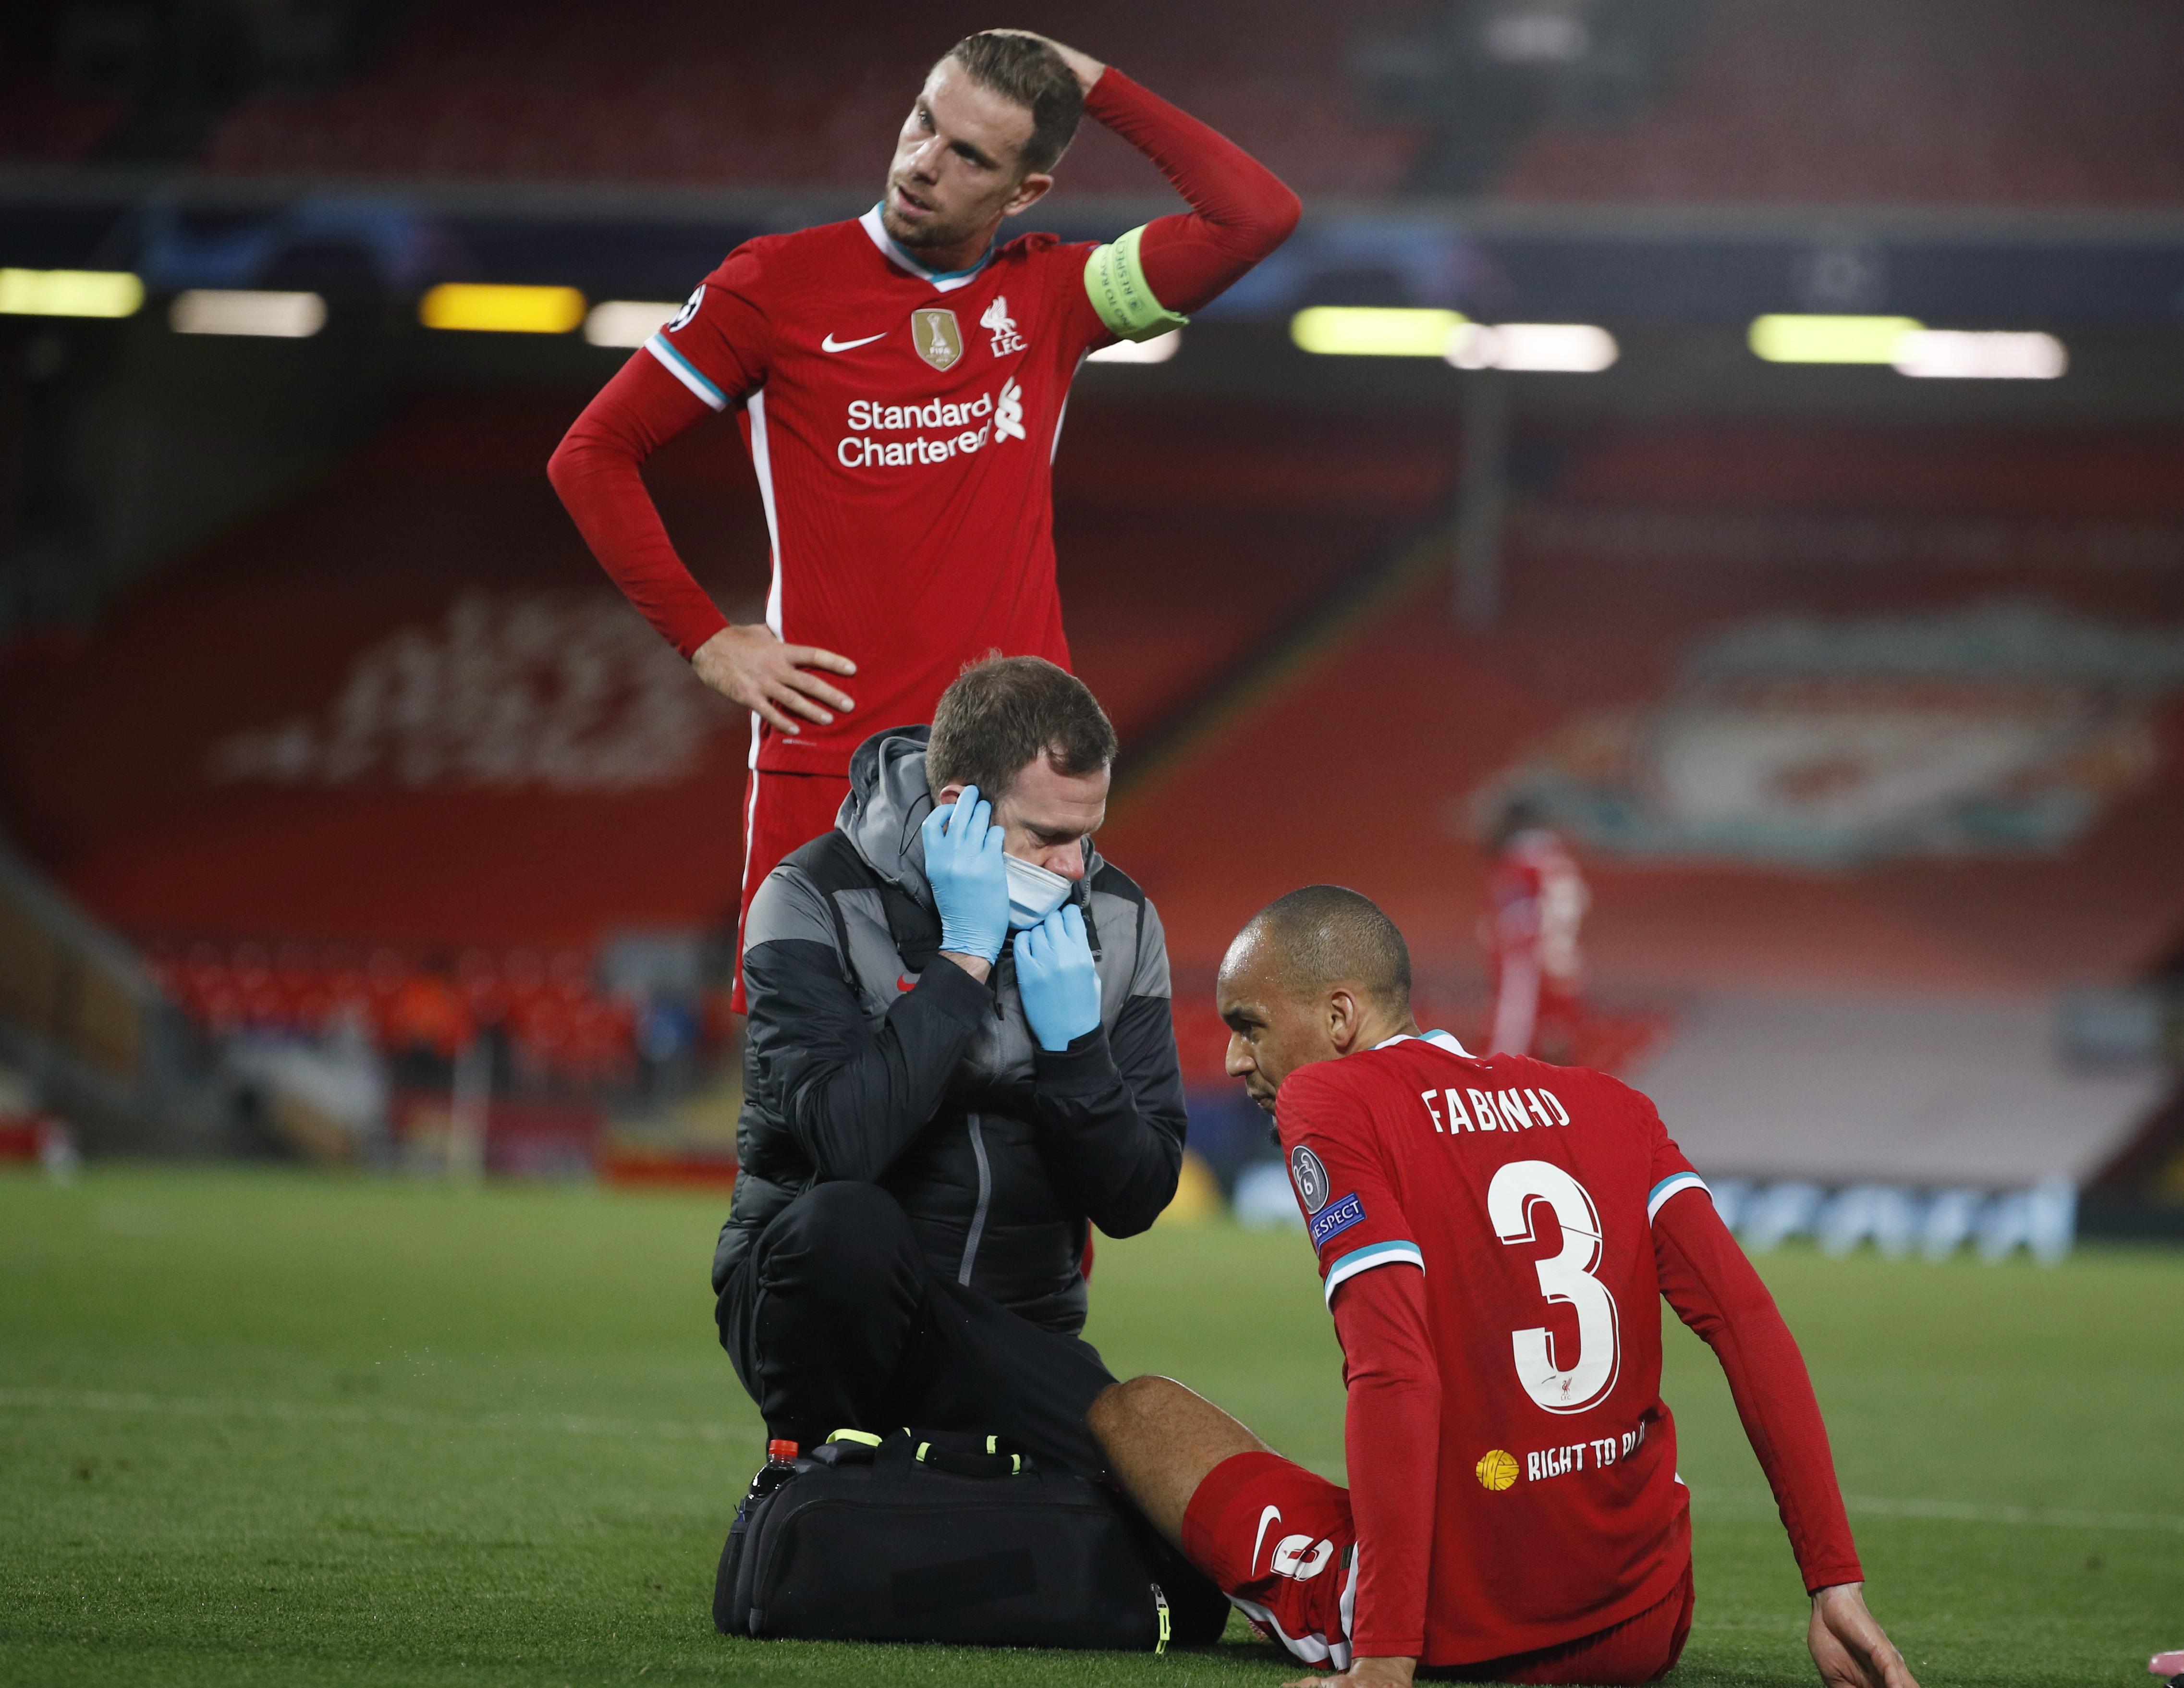 فابينيو يتلقى العلاج قبل مغادرة أرضية الملعب